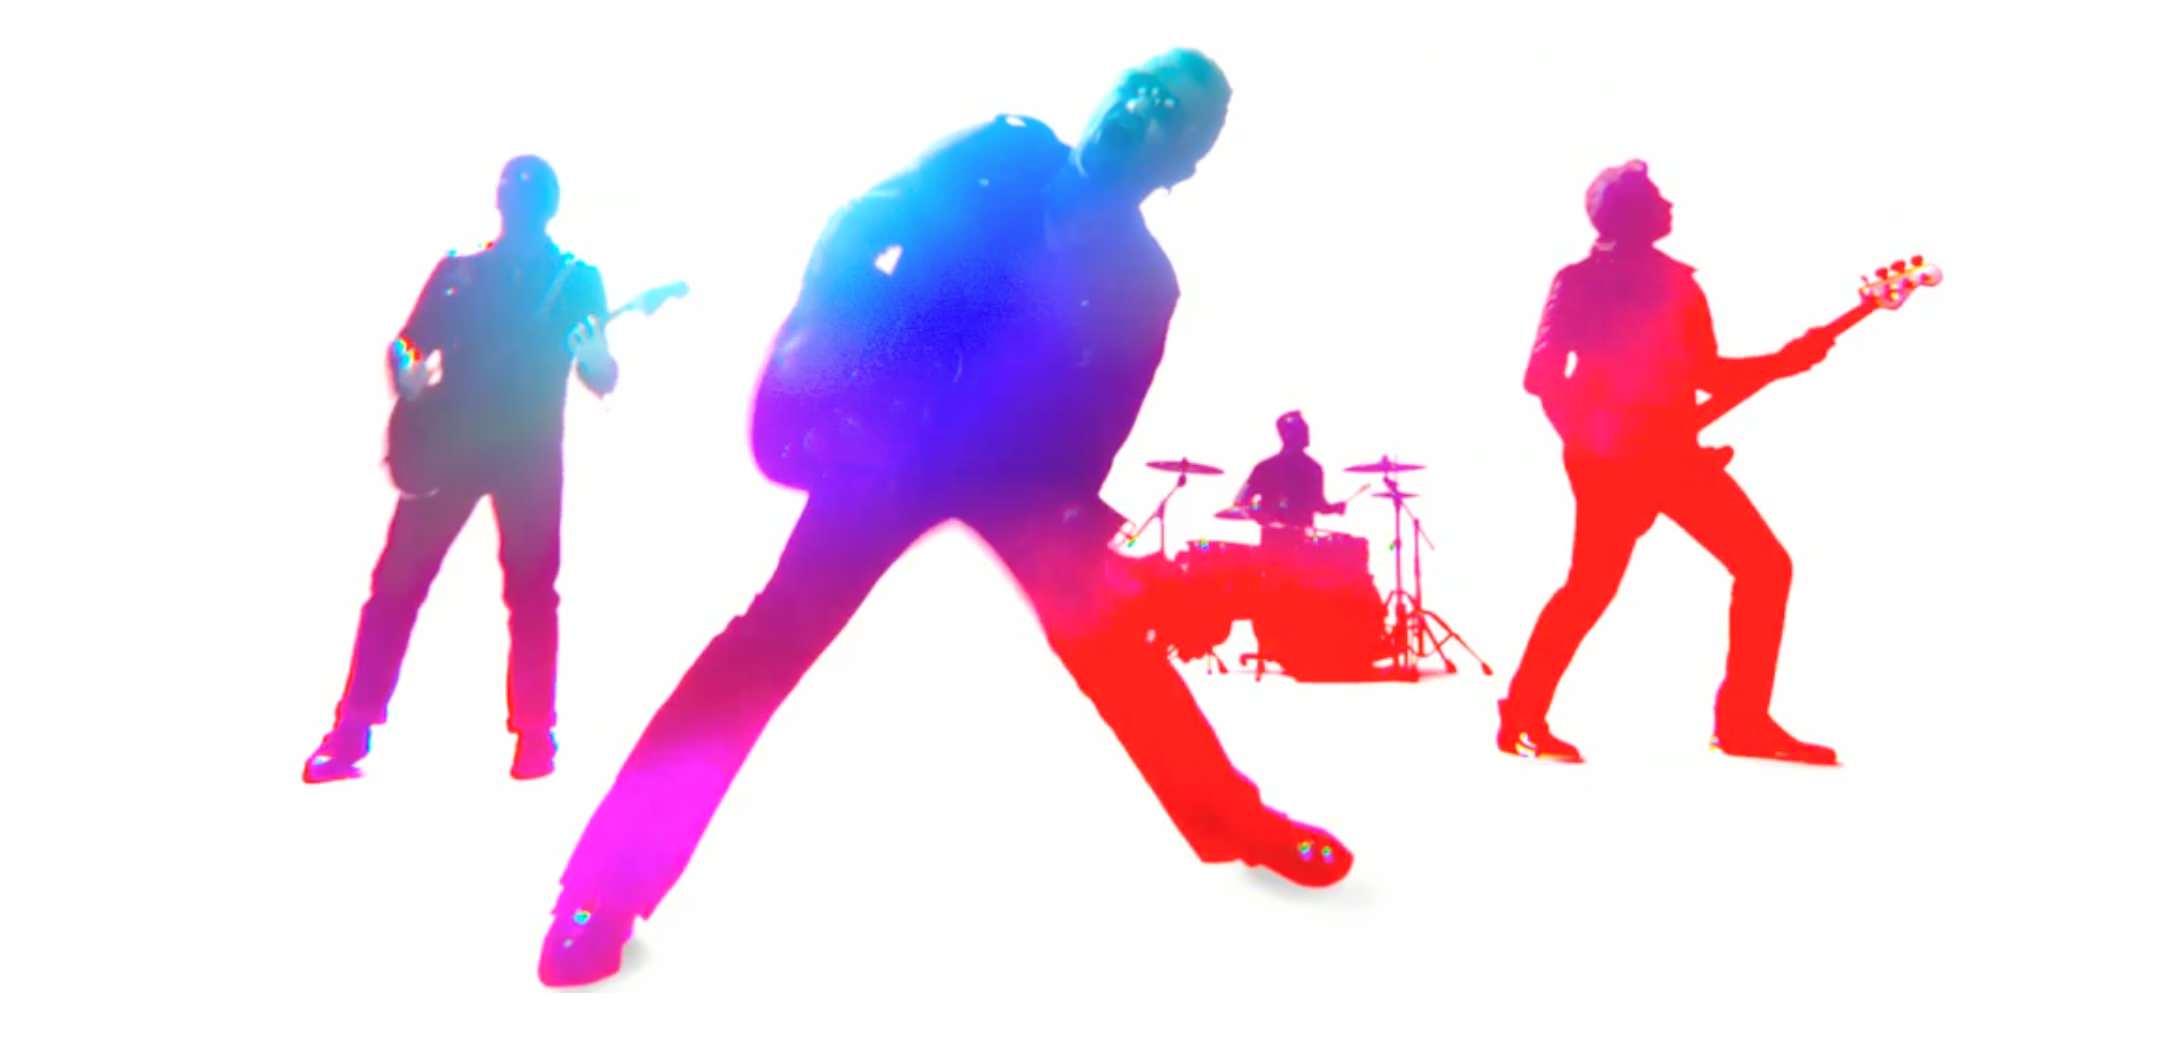 Consigue el Nuevo Álbum de U2 Gratis